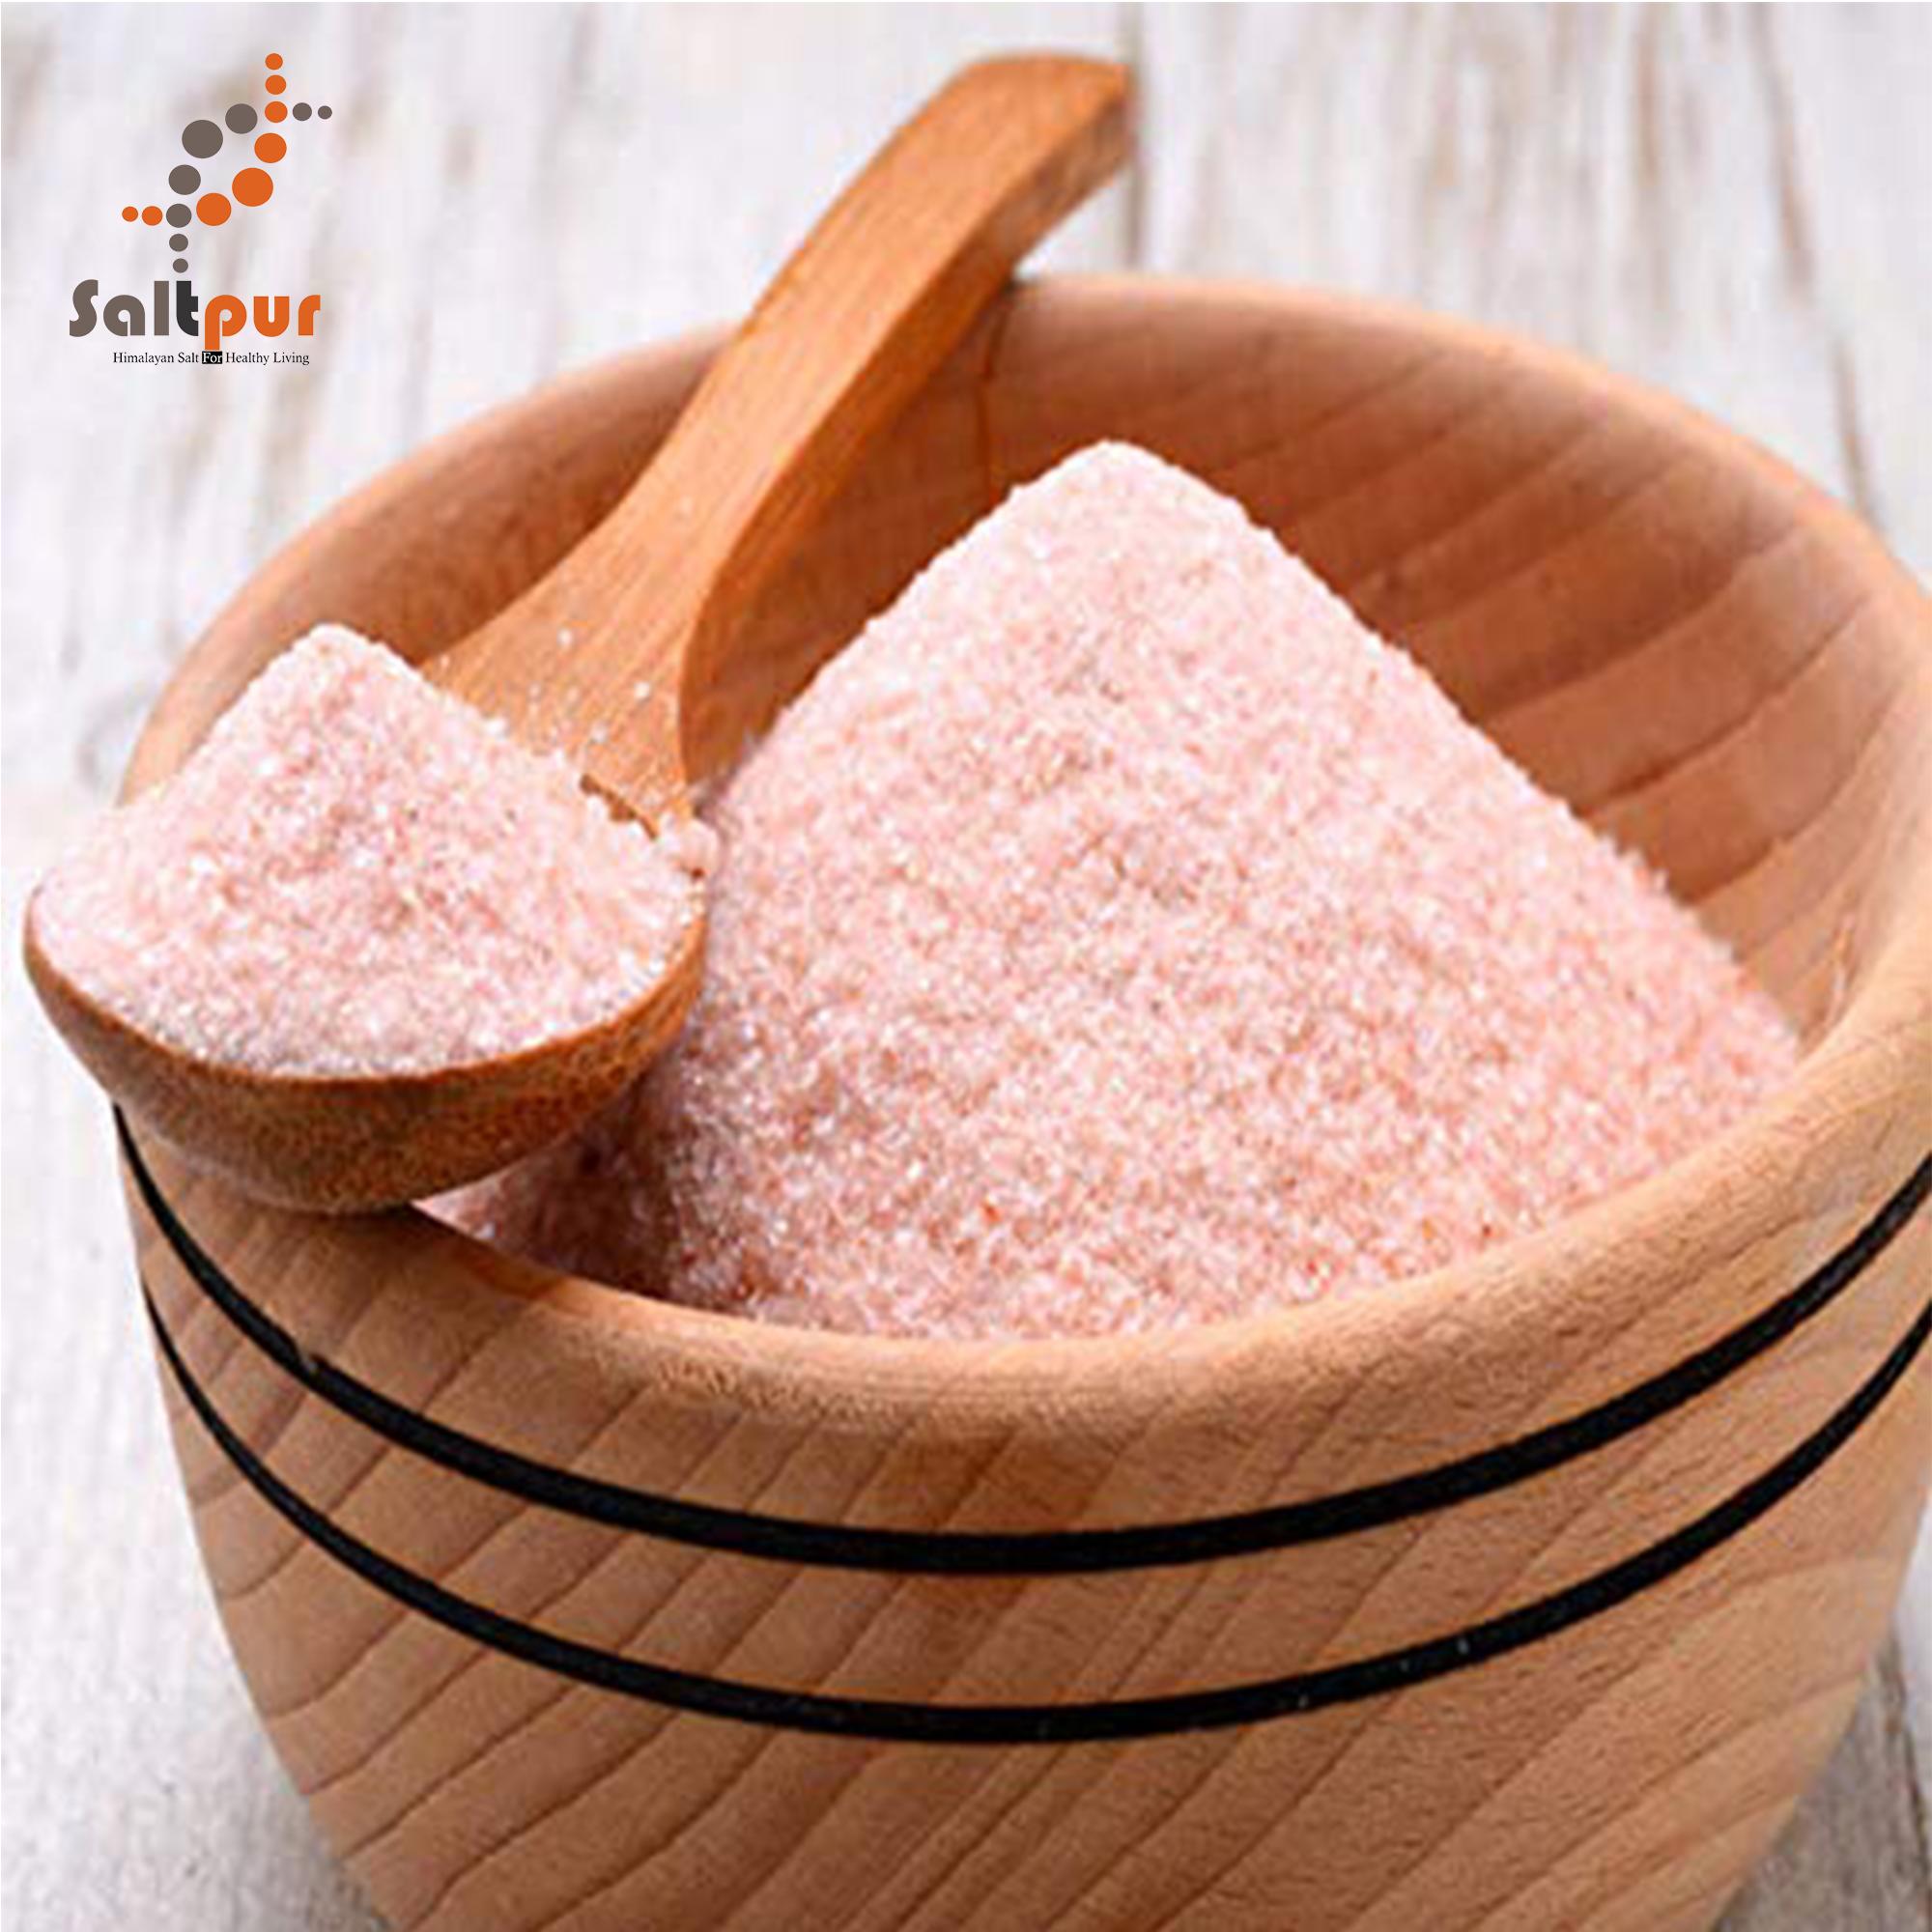 2 - Saltpur Himalayan Salts